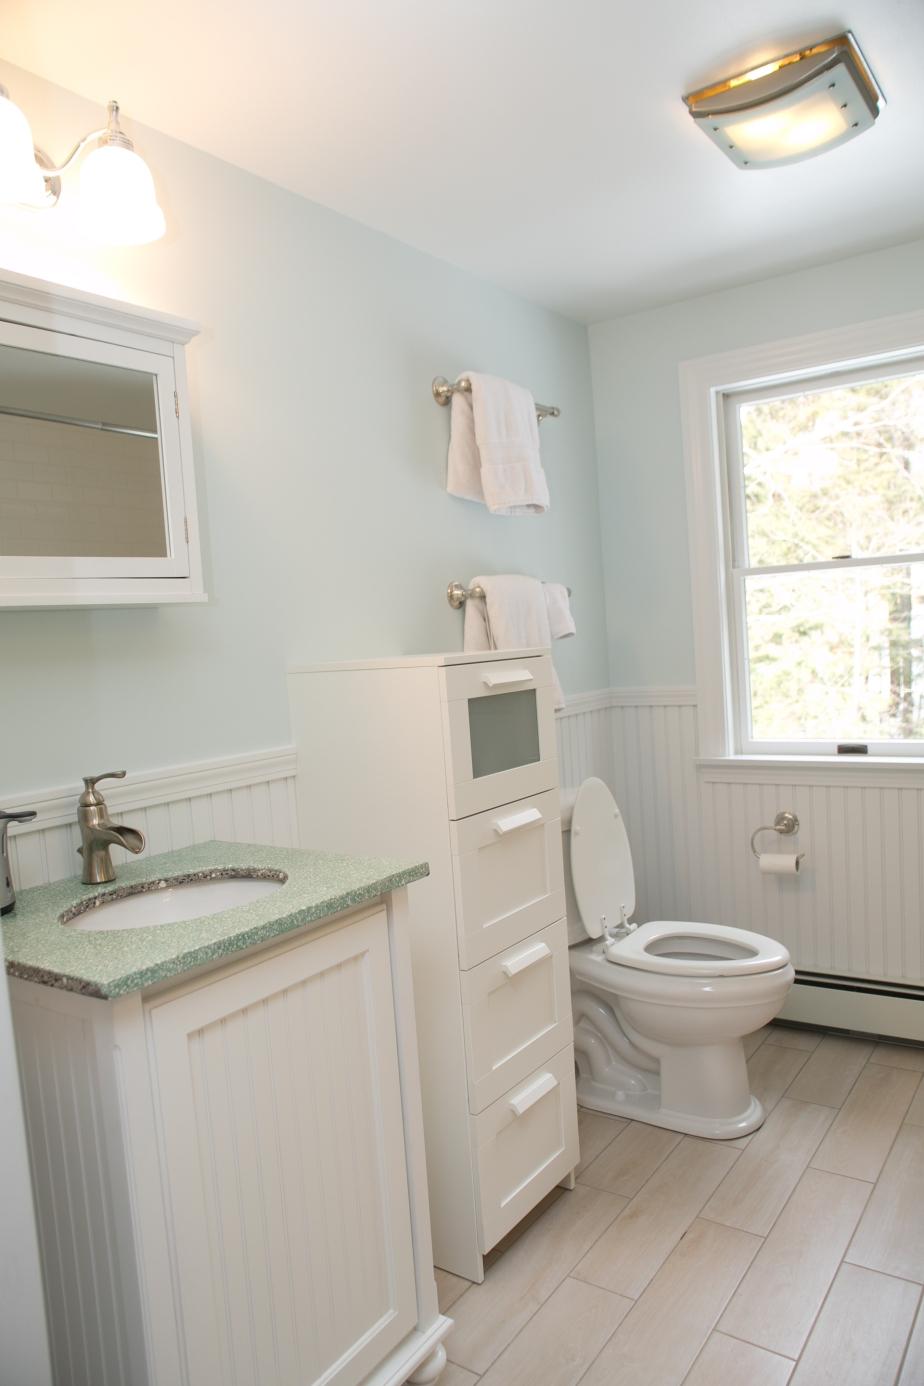 clean looking white bathroom